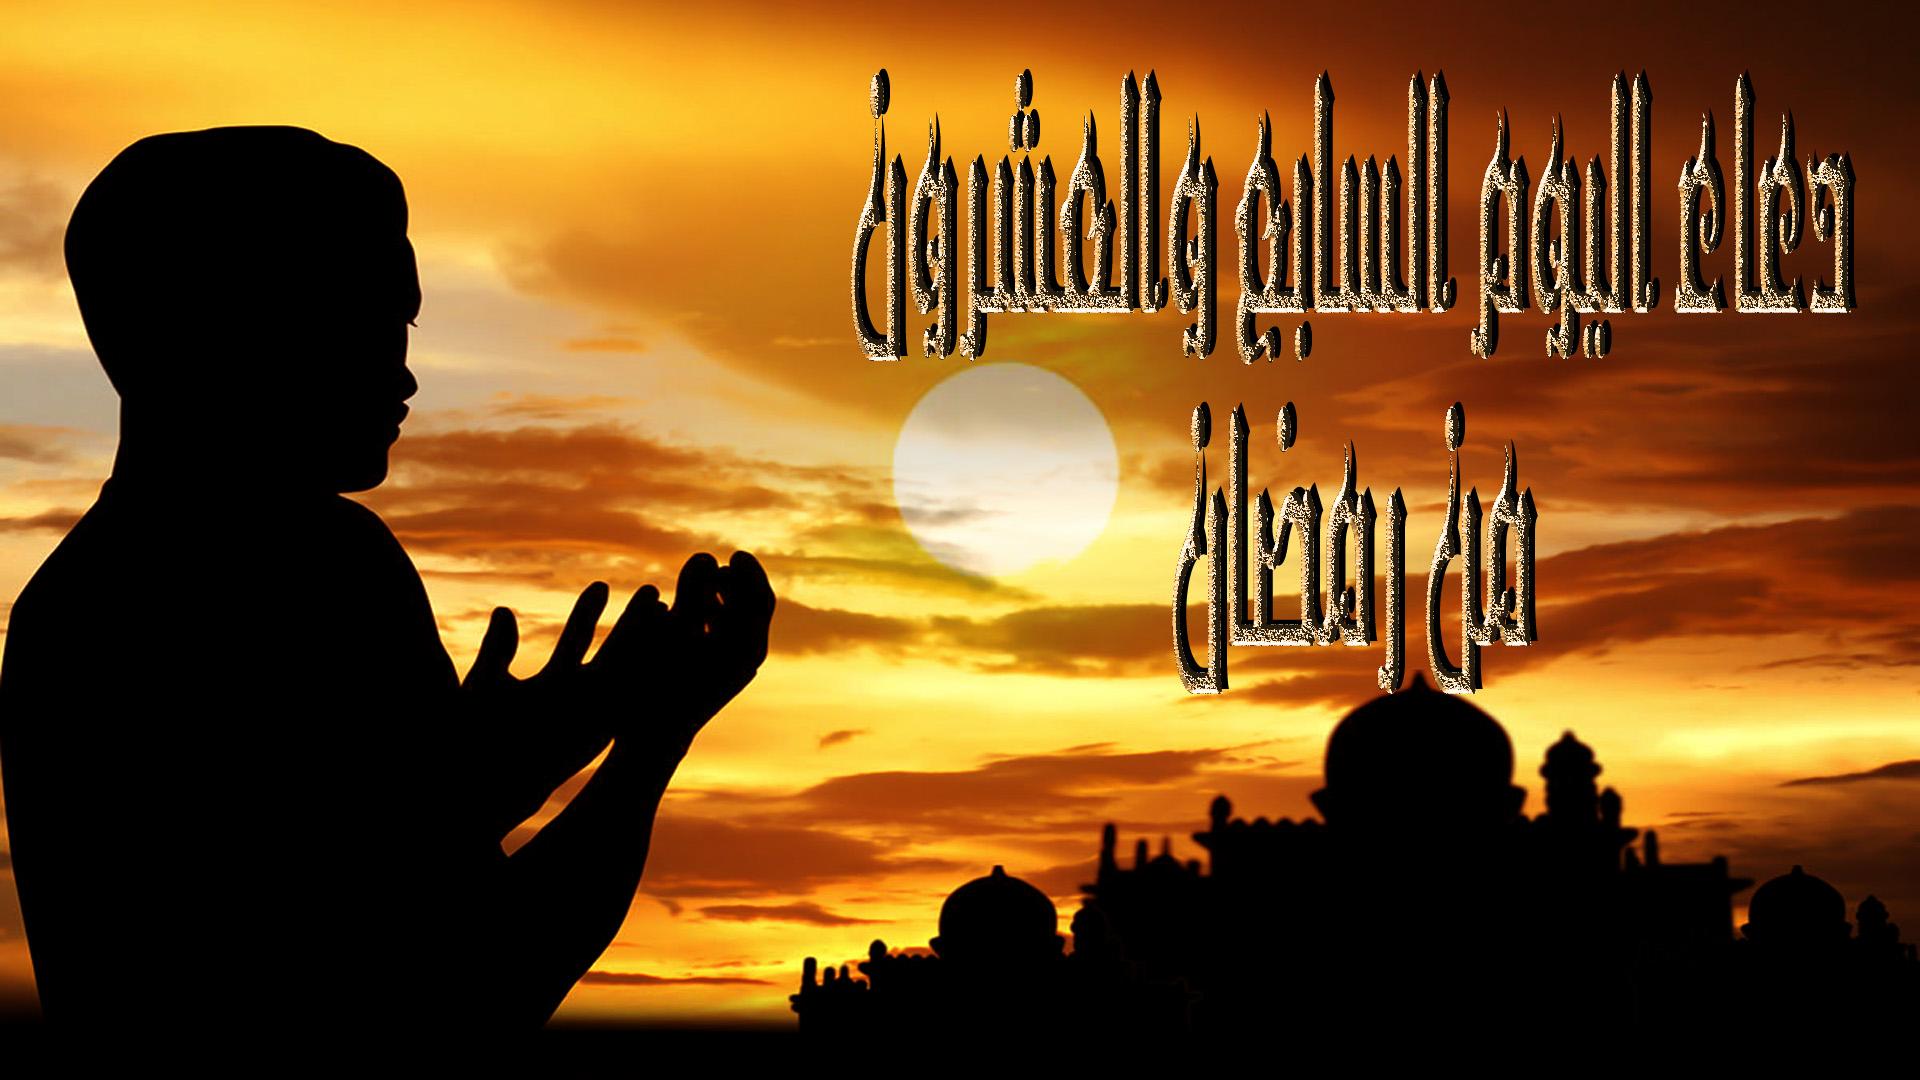 أدعية أيام شهر رمضان ( دعاء اليوم السابع والعشرون )